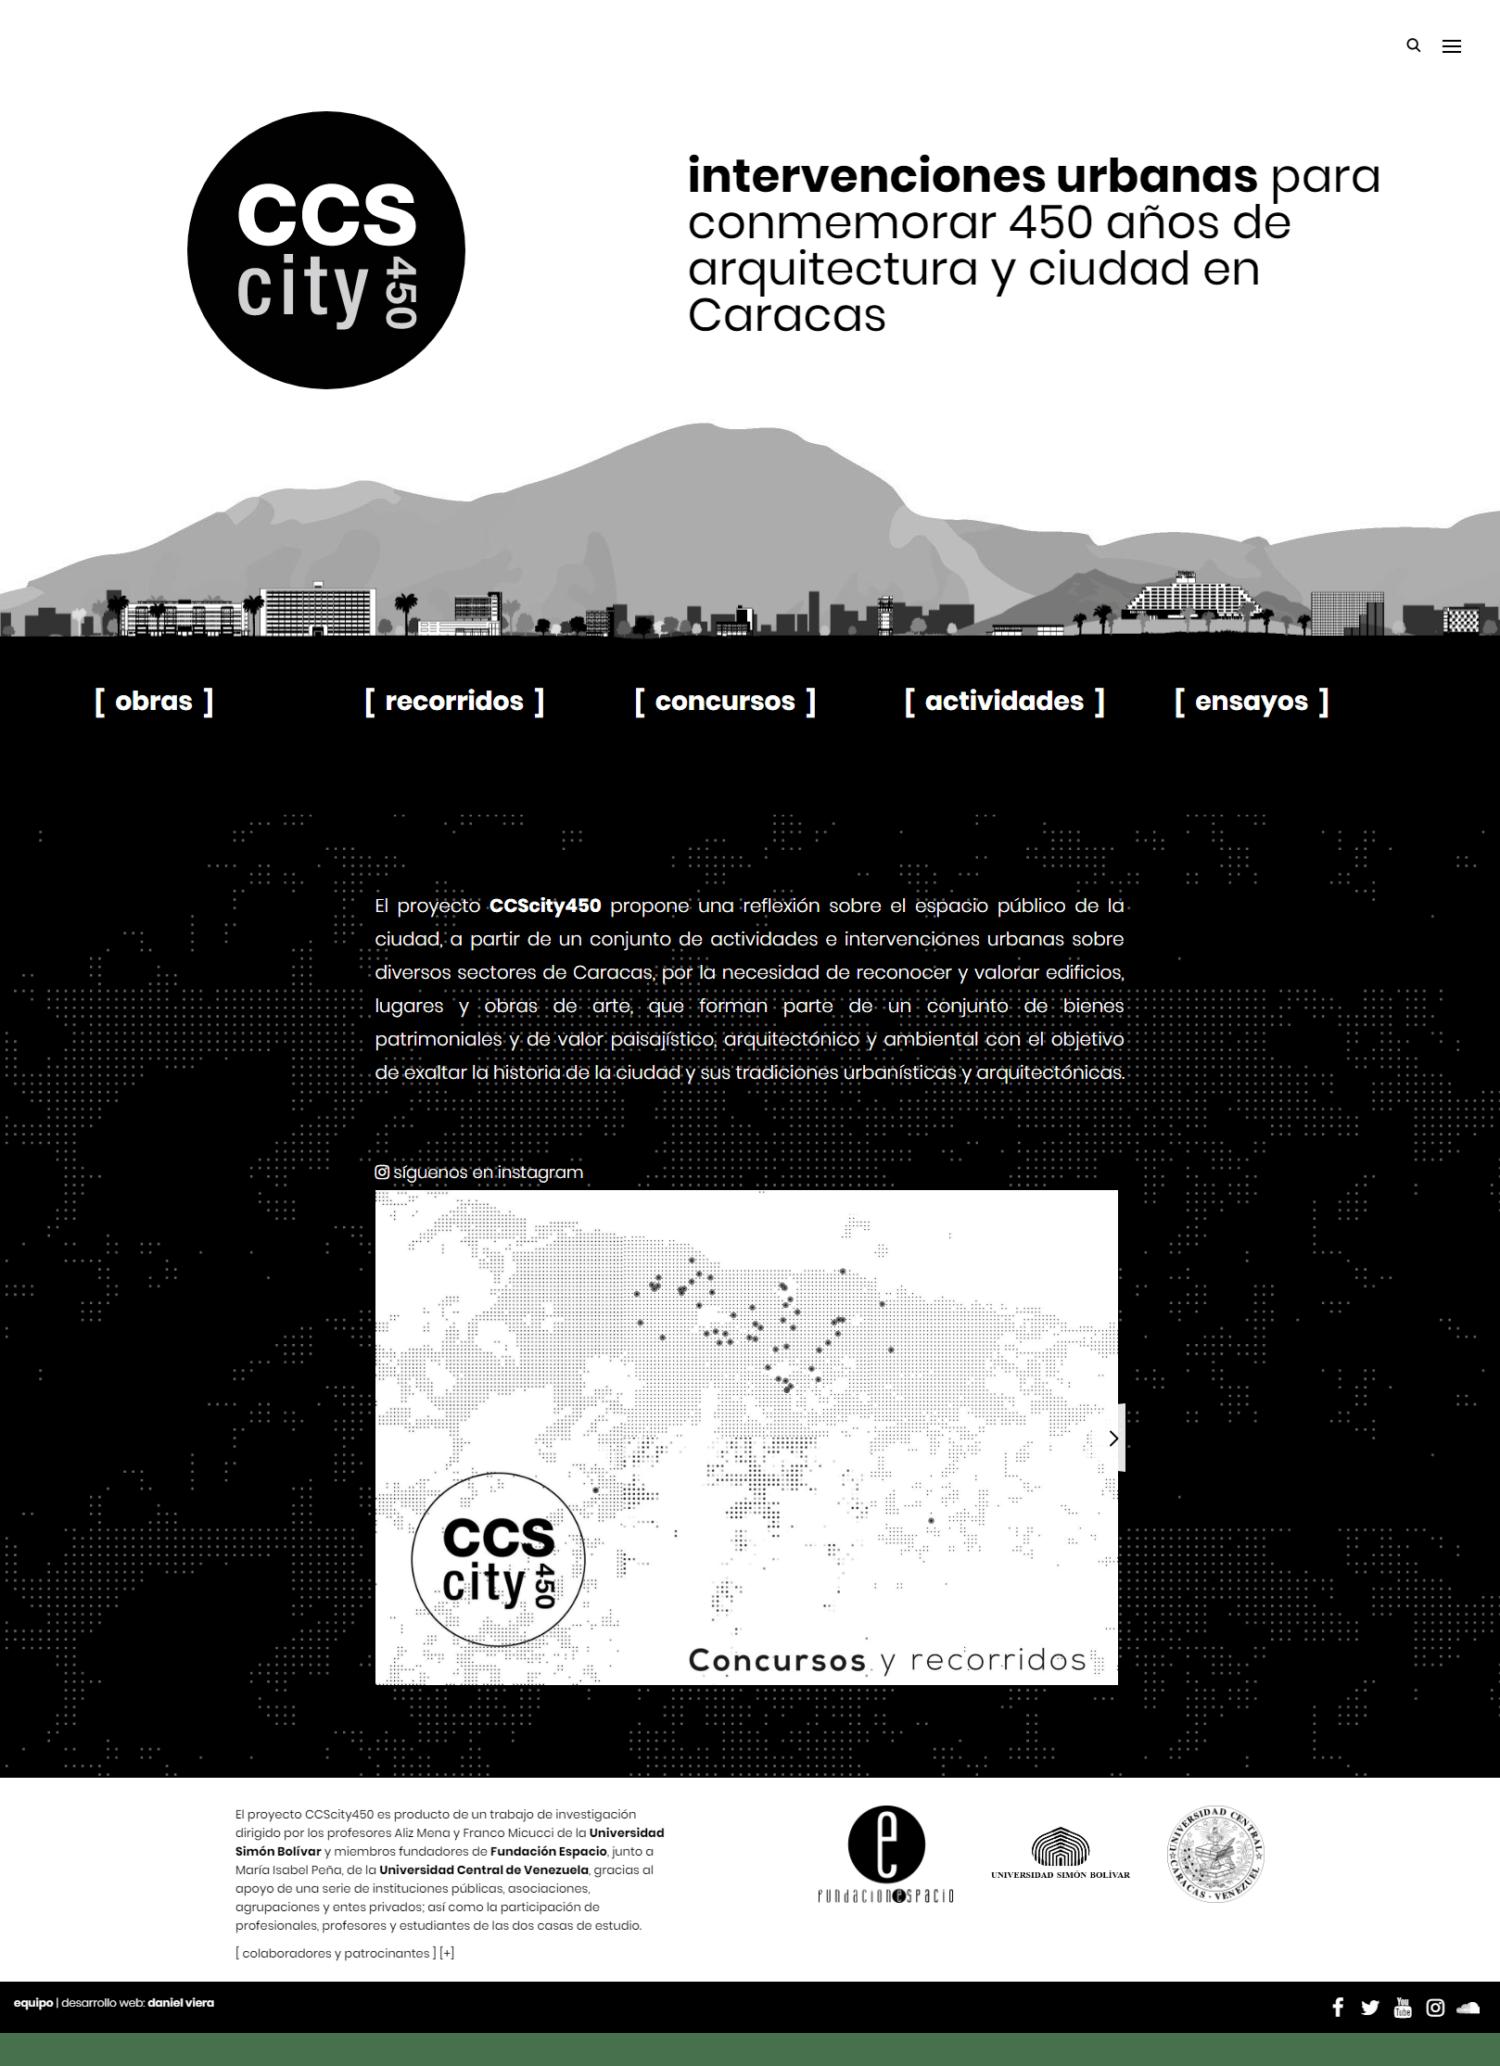 CCScity450 | Web con el propósito de conmemorar los 450 años de la ciudad de Caracas. Sitio web responsive desarrollado para WordPress, con bootstrap y sass, filtros, mapas interactivos.